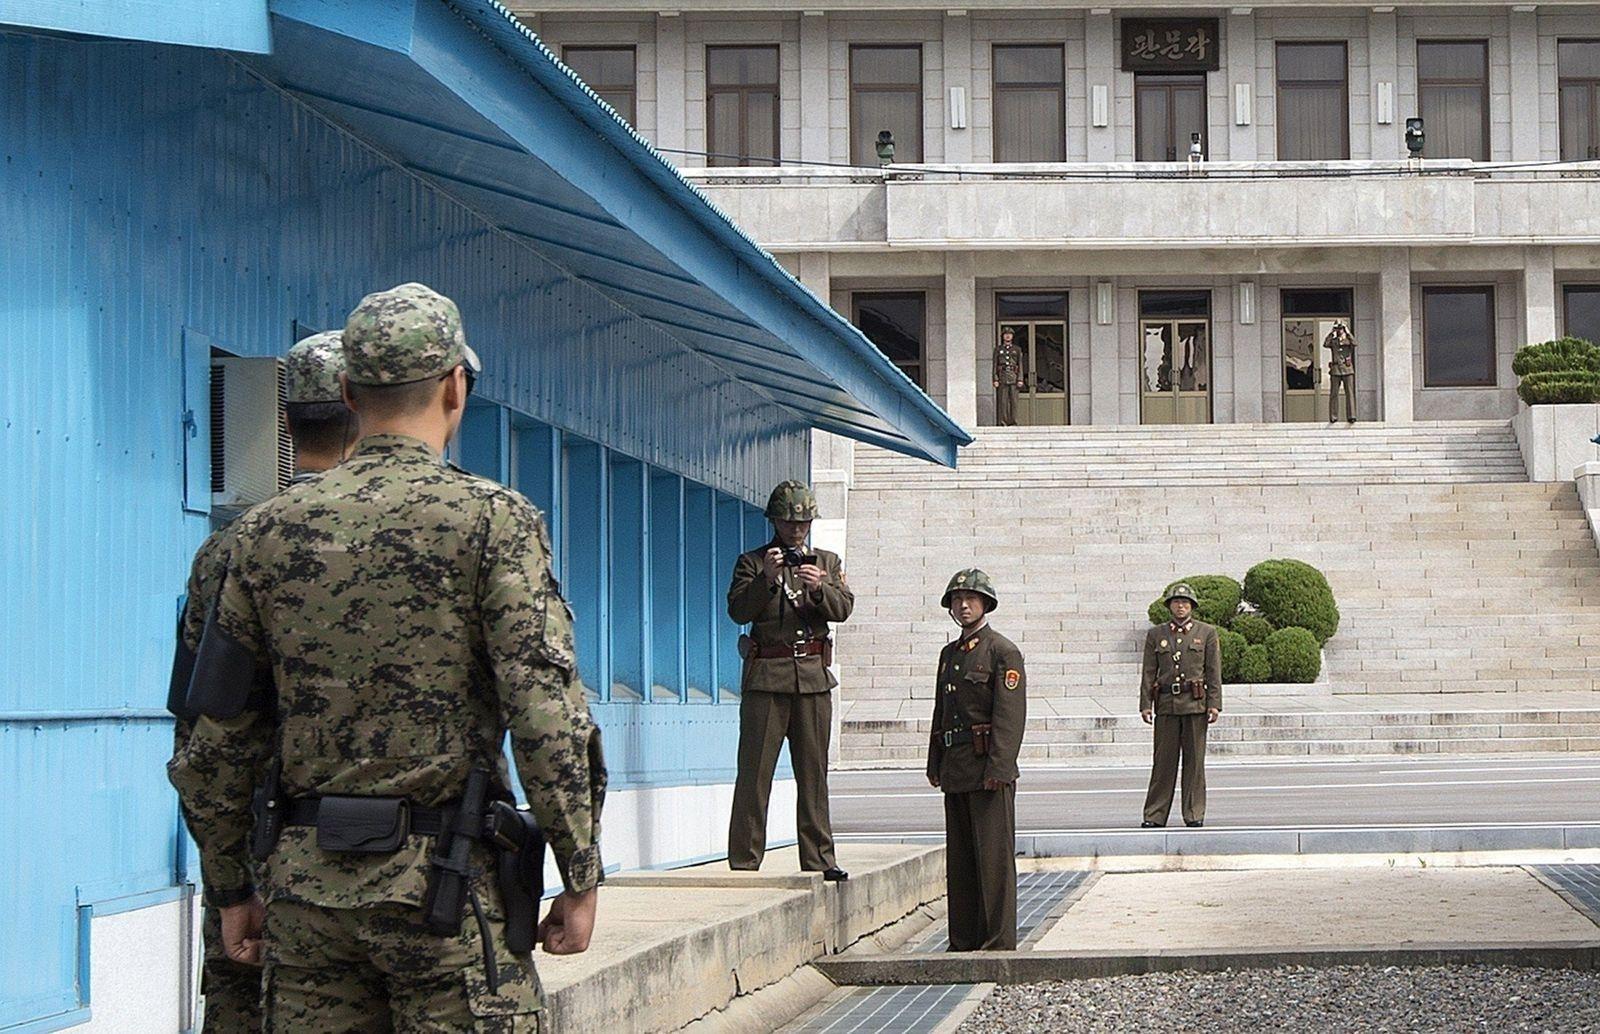 BTS хамтлагийн гишүүд цэргийн албанаас чөлөөлөгдөх боломжгүйг Өмнөд Солонгосын соёлын сайд мэдэгджээ